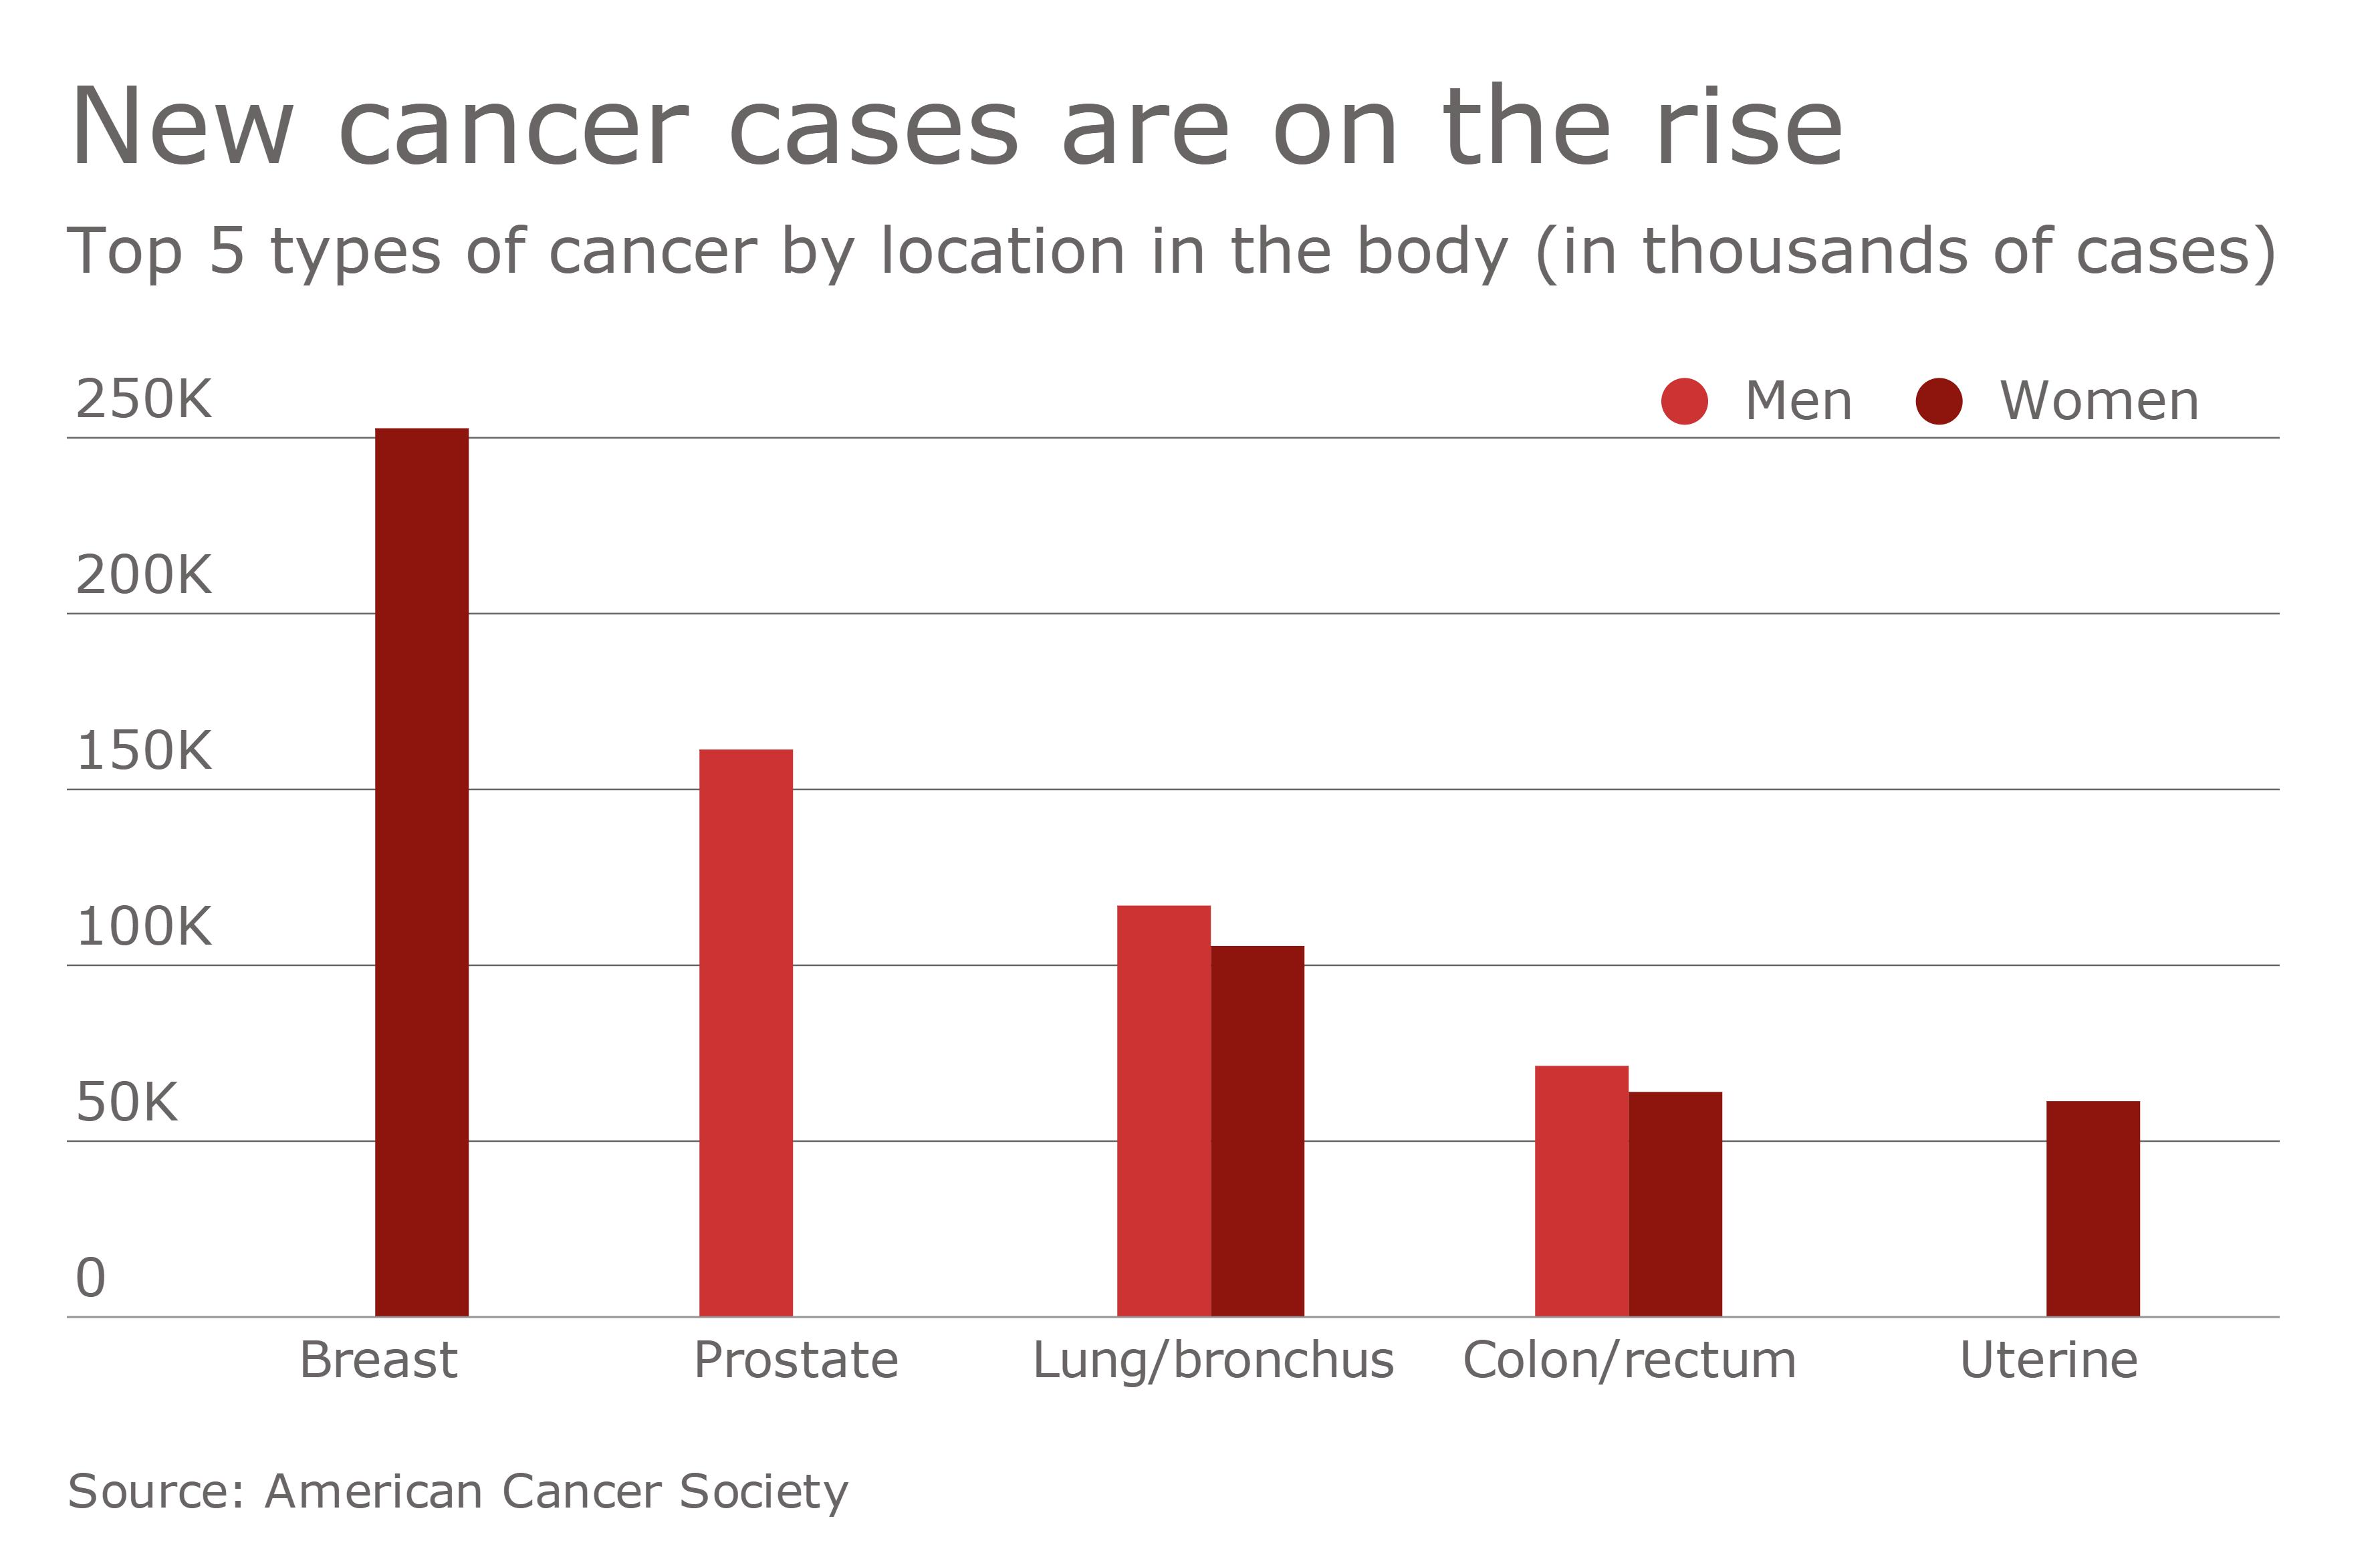 https://assets.sourcemedia.com/04/a3/0a72a454445a8b8392ee7e3d9048/hdm-022717-cancer-1.png